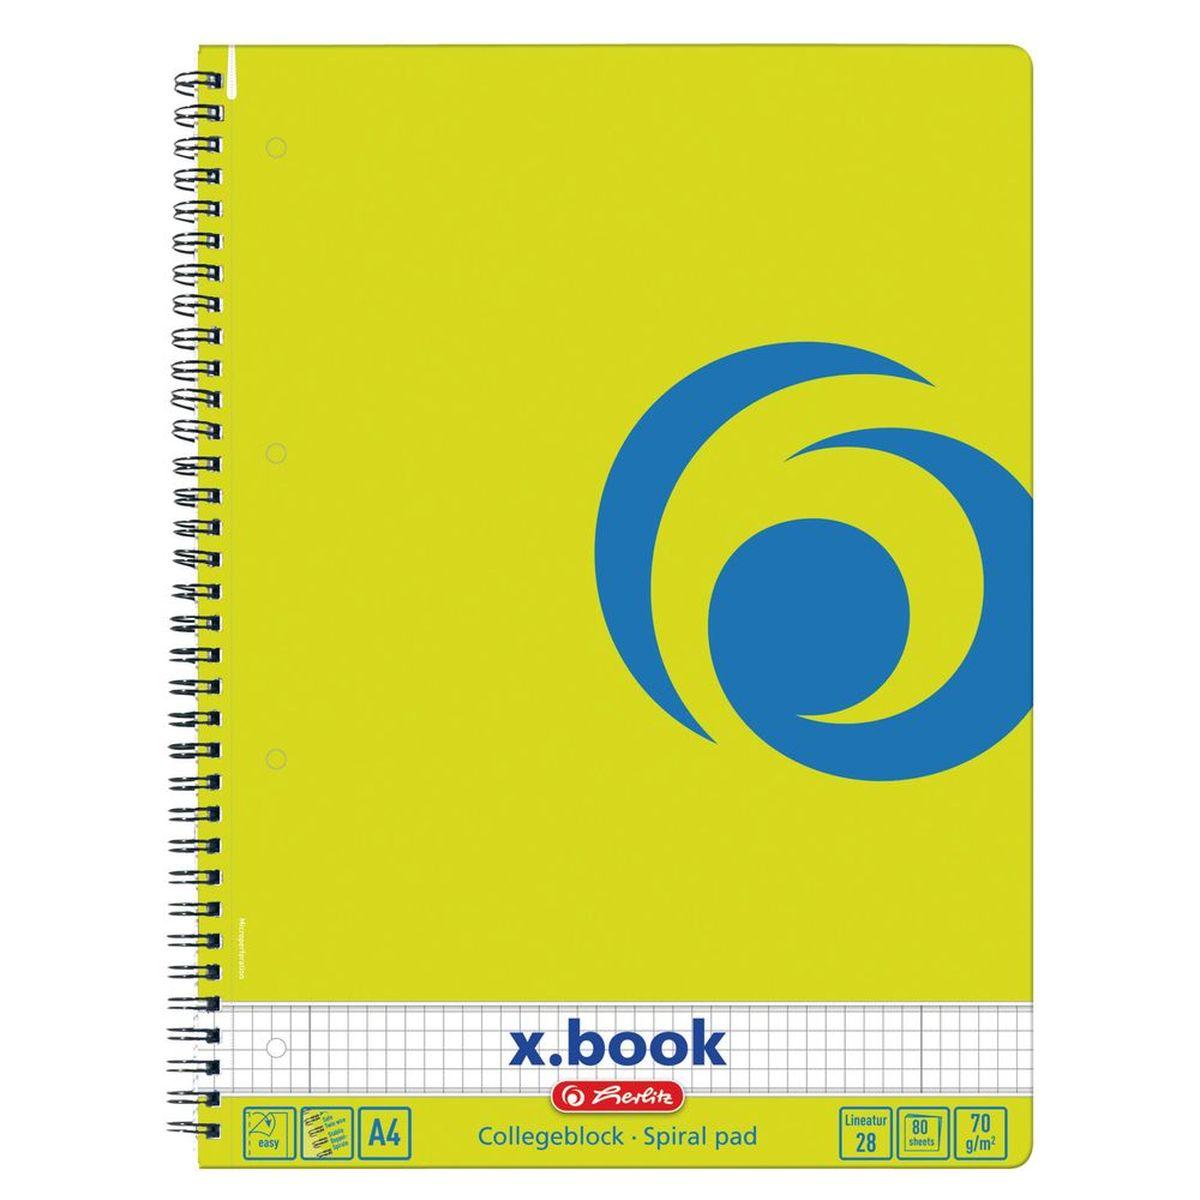 Herlitz Блокнот x.book Лимон 80 листов в клетку12-13/ГПБлокнот Herlitz серии x.book - ваш идеальный партнер для дома и отдыха. Благодаря разнообразию форм в четырех форматах от А4 до А7, x.book пригодится в любой ситуации и поднимет настроение благодаря веселым расцветкам, например, солнечный желтый, яркий красный, сочный зеленый и сияющий синий.Блокнот содержит 80 листов формата А4 в клетку с полями. Обложка выполнена из качественного ламинированного картона. Внутренний спиральный блок изготовлен из металла и гарантирует надежное крепление листов.Блокнот для записей от Herlitzстанет достойным аксессуаром среди ваших канцелярских принадлежностей. Это отличный подарок как коллеге или деловому партнеру, так и близким людям.